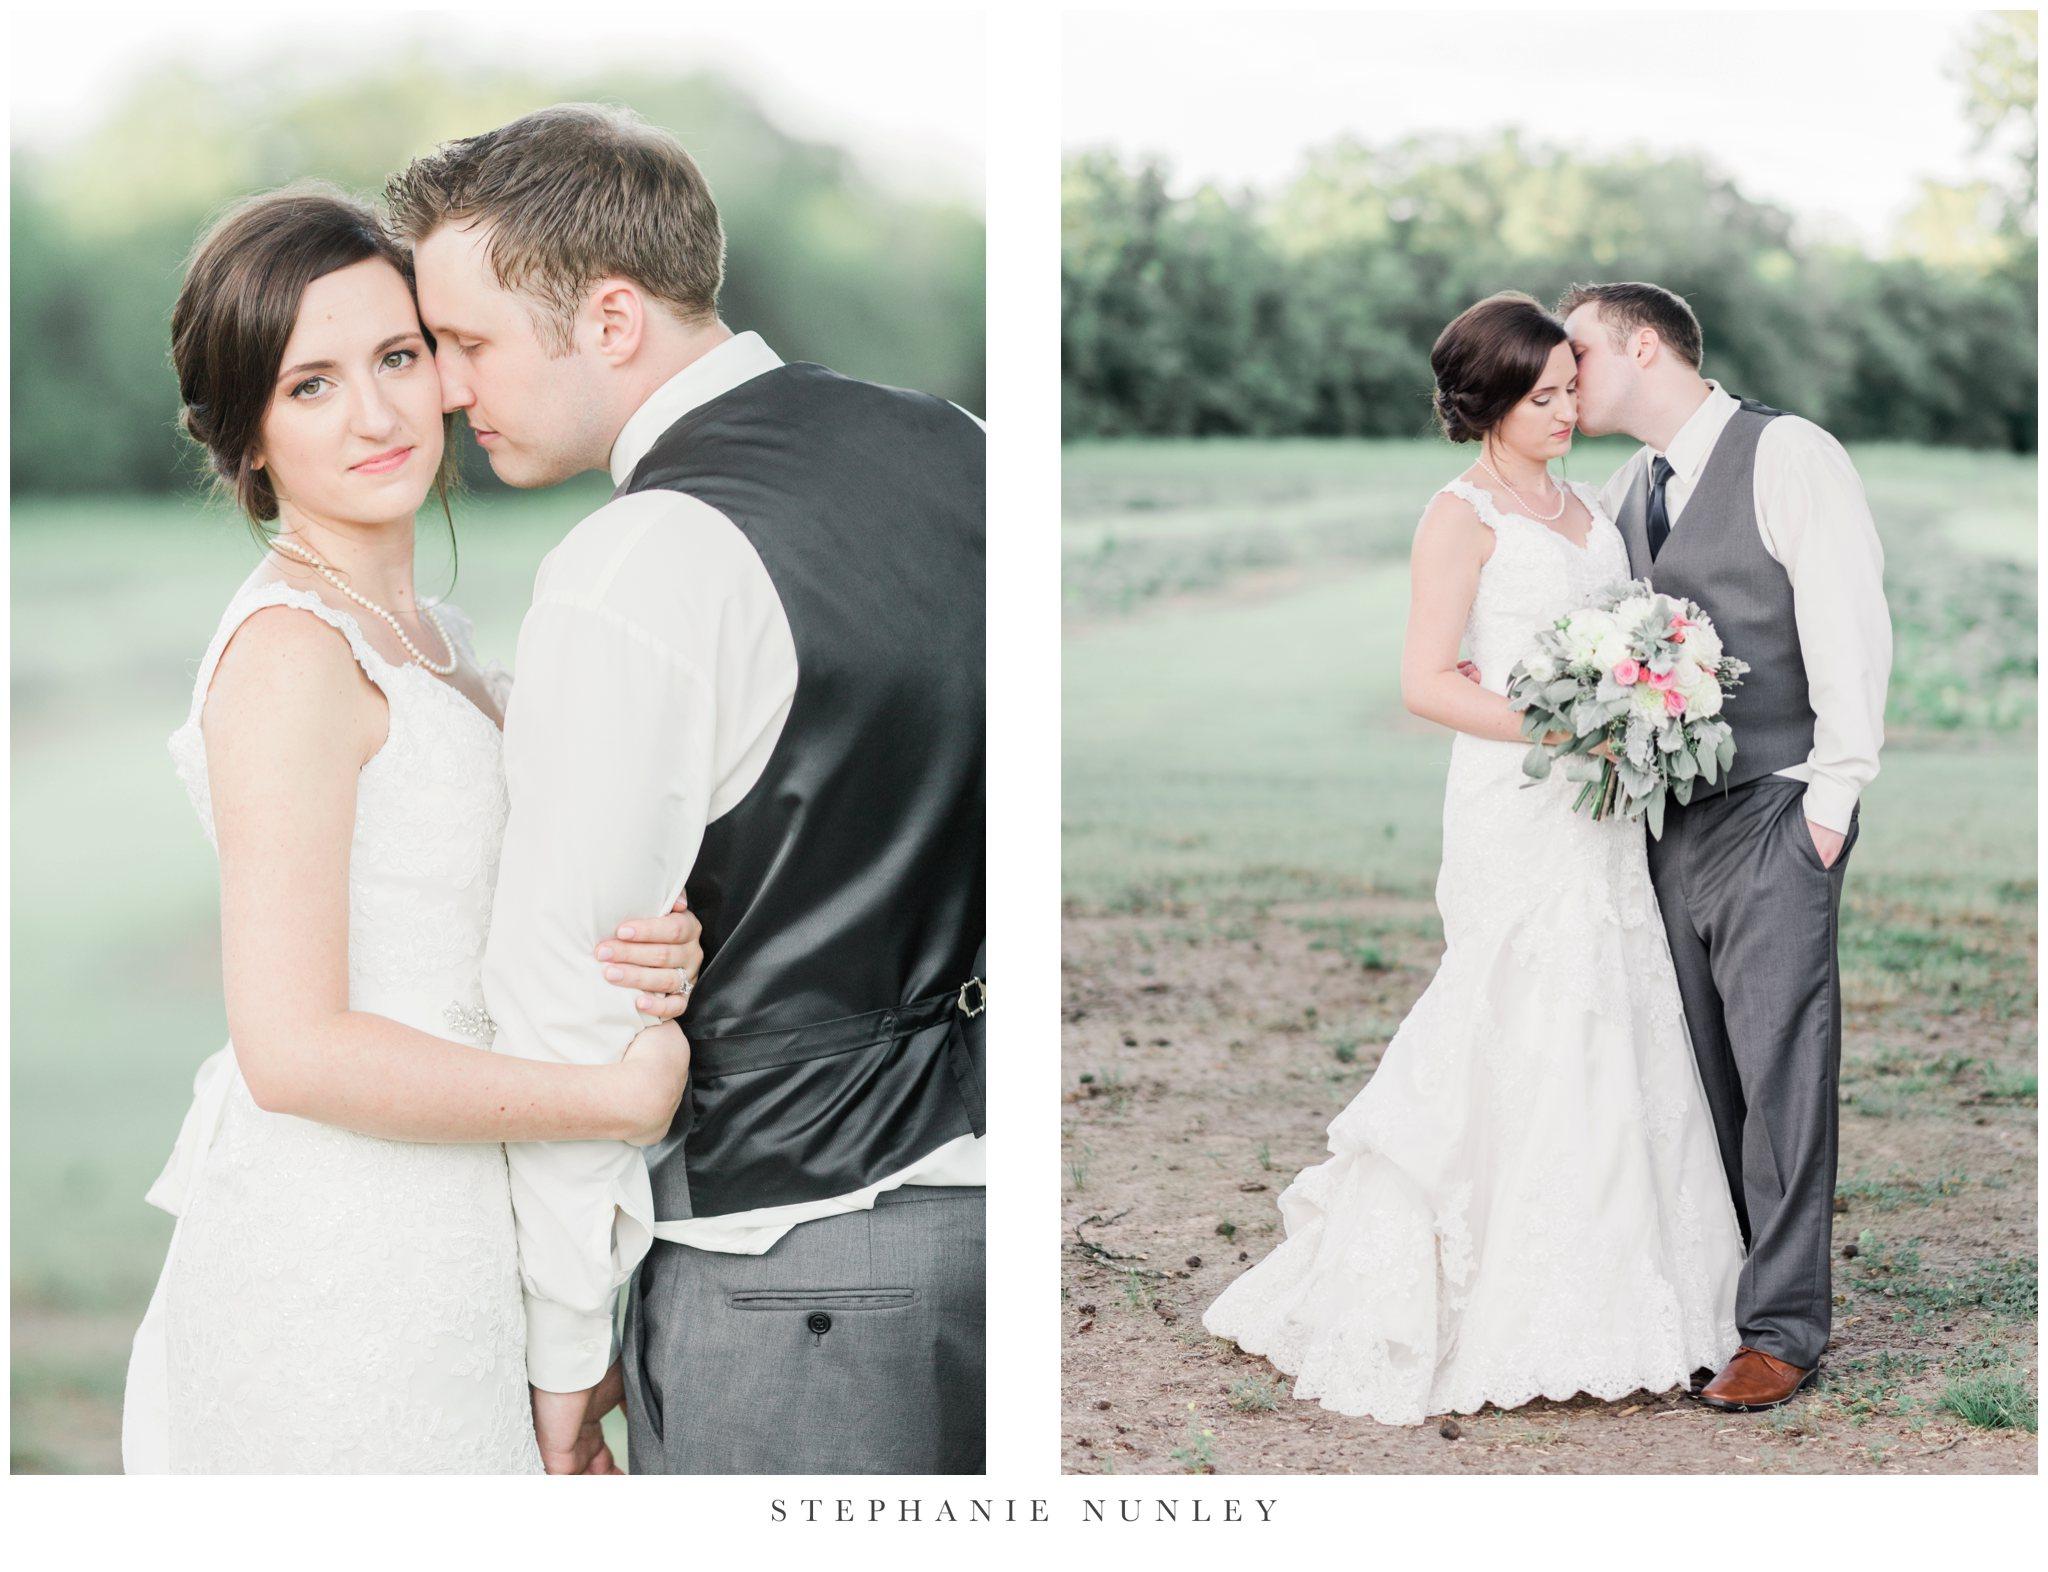 arkansas-outdoor-film-inspired-wedding-0104.jpg